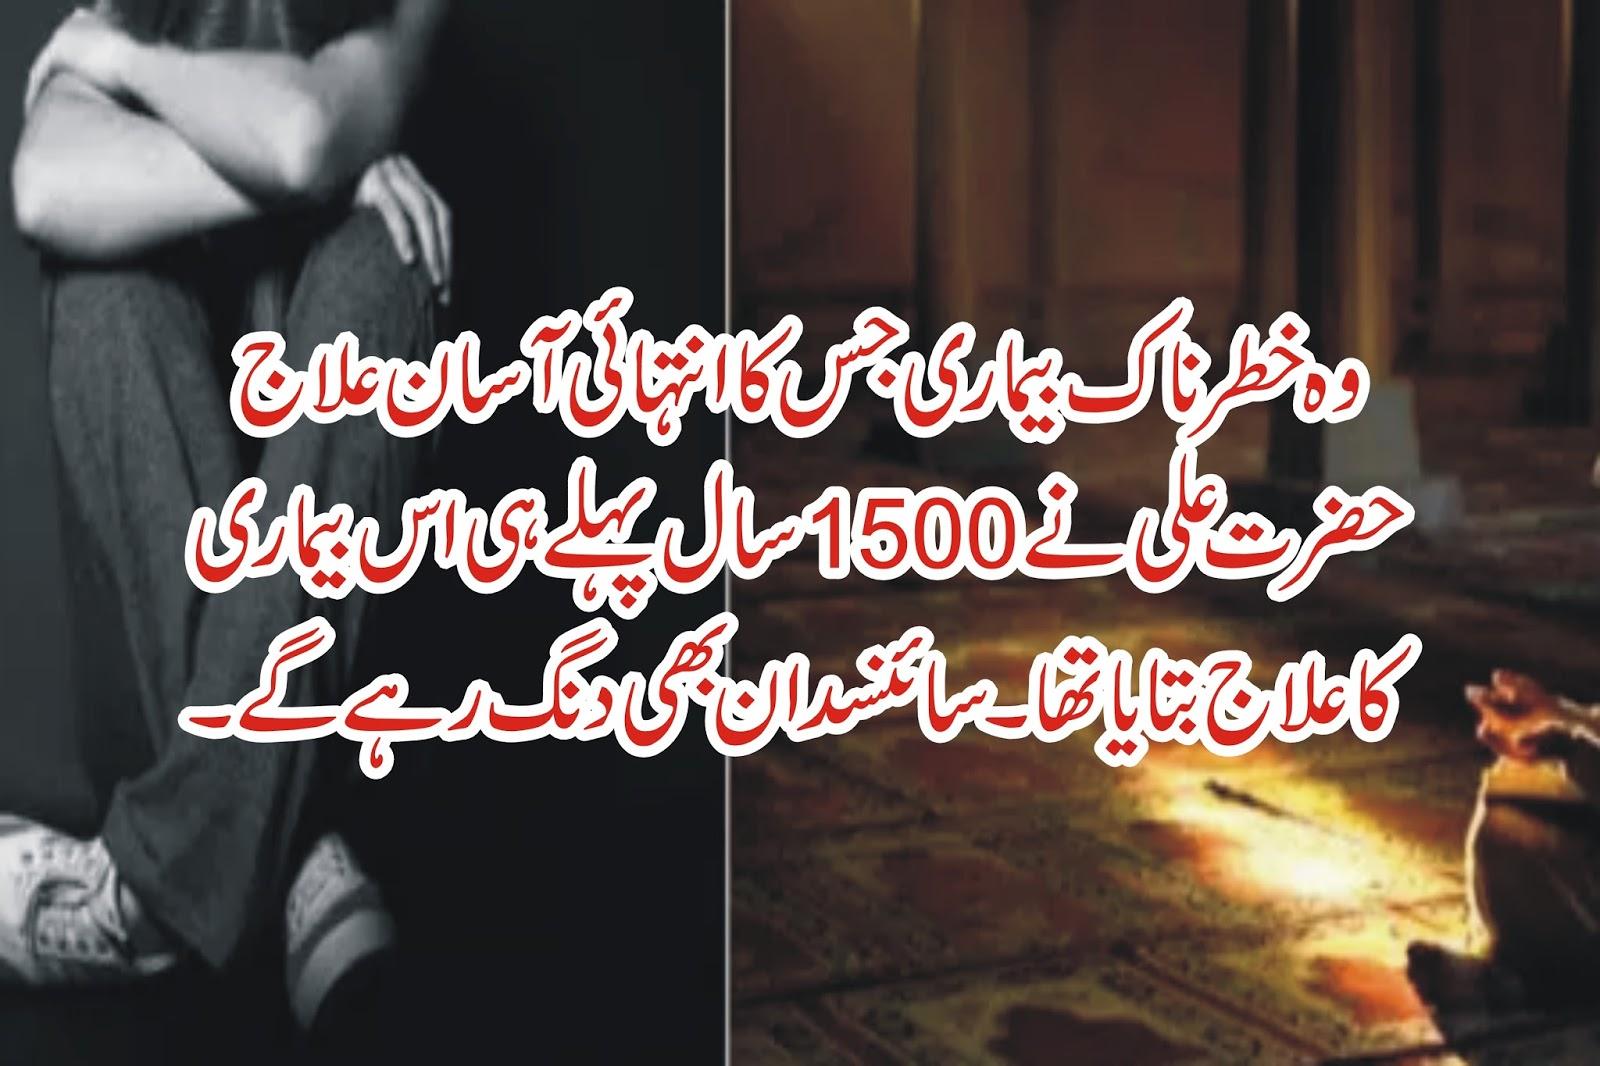 depression ka ilaj with islam in urdu - HDFunmaza1 Leatest ...